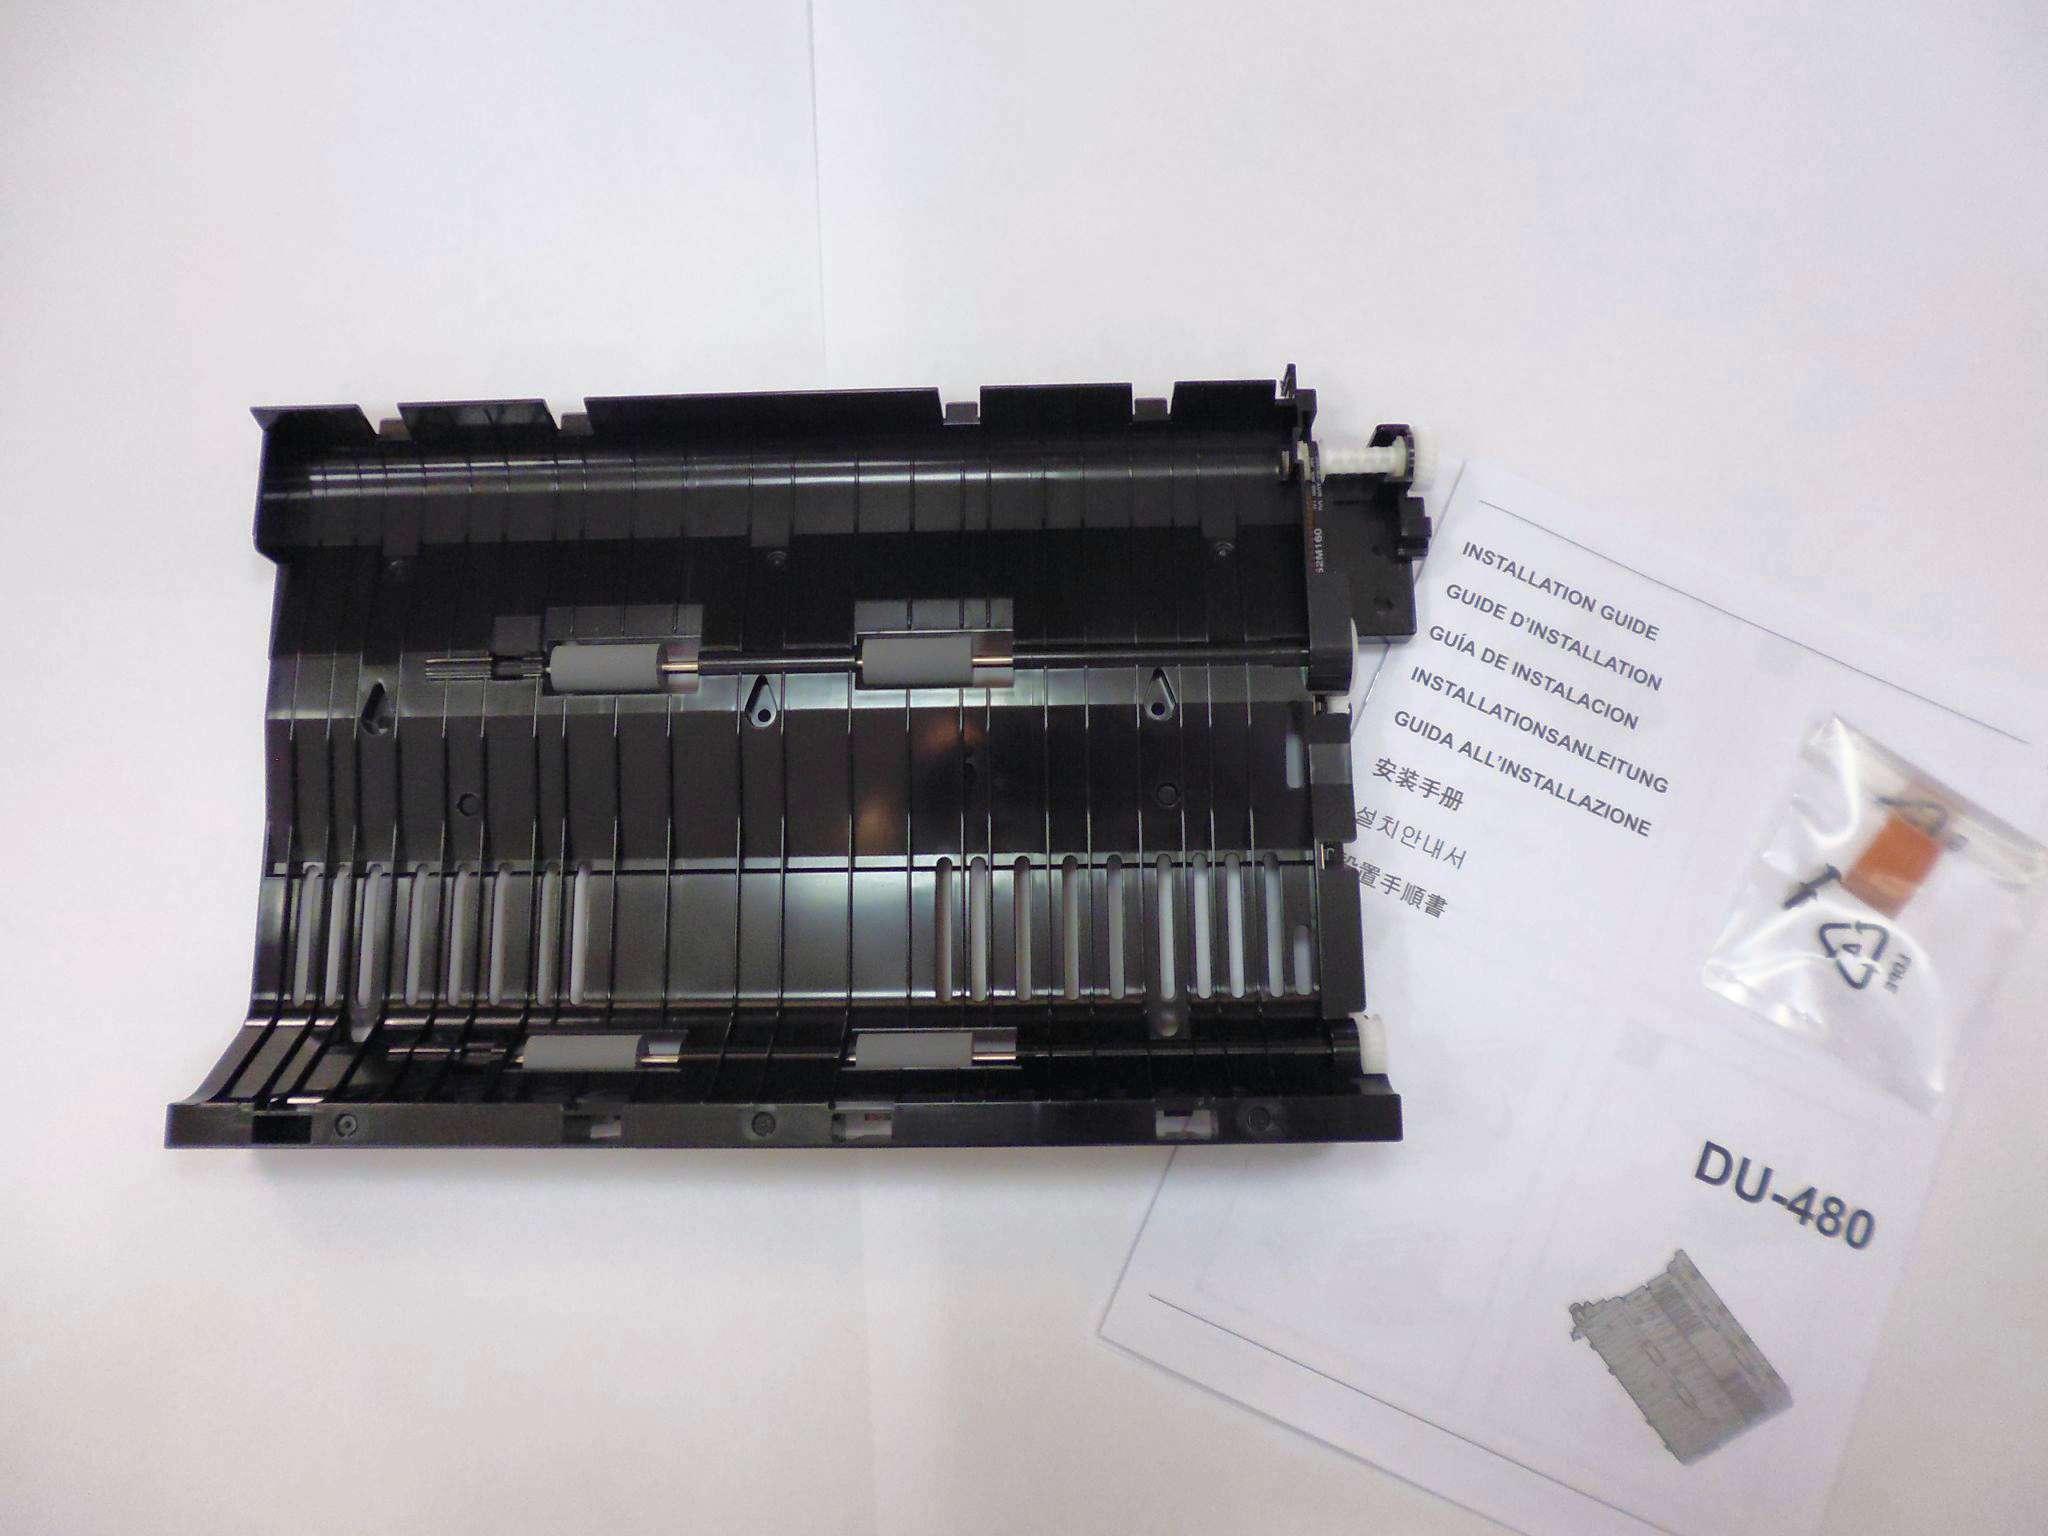 Блок двустороннего копирования Kyocera DU-480 для TASKalfa  1800/2200/1801/2201